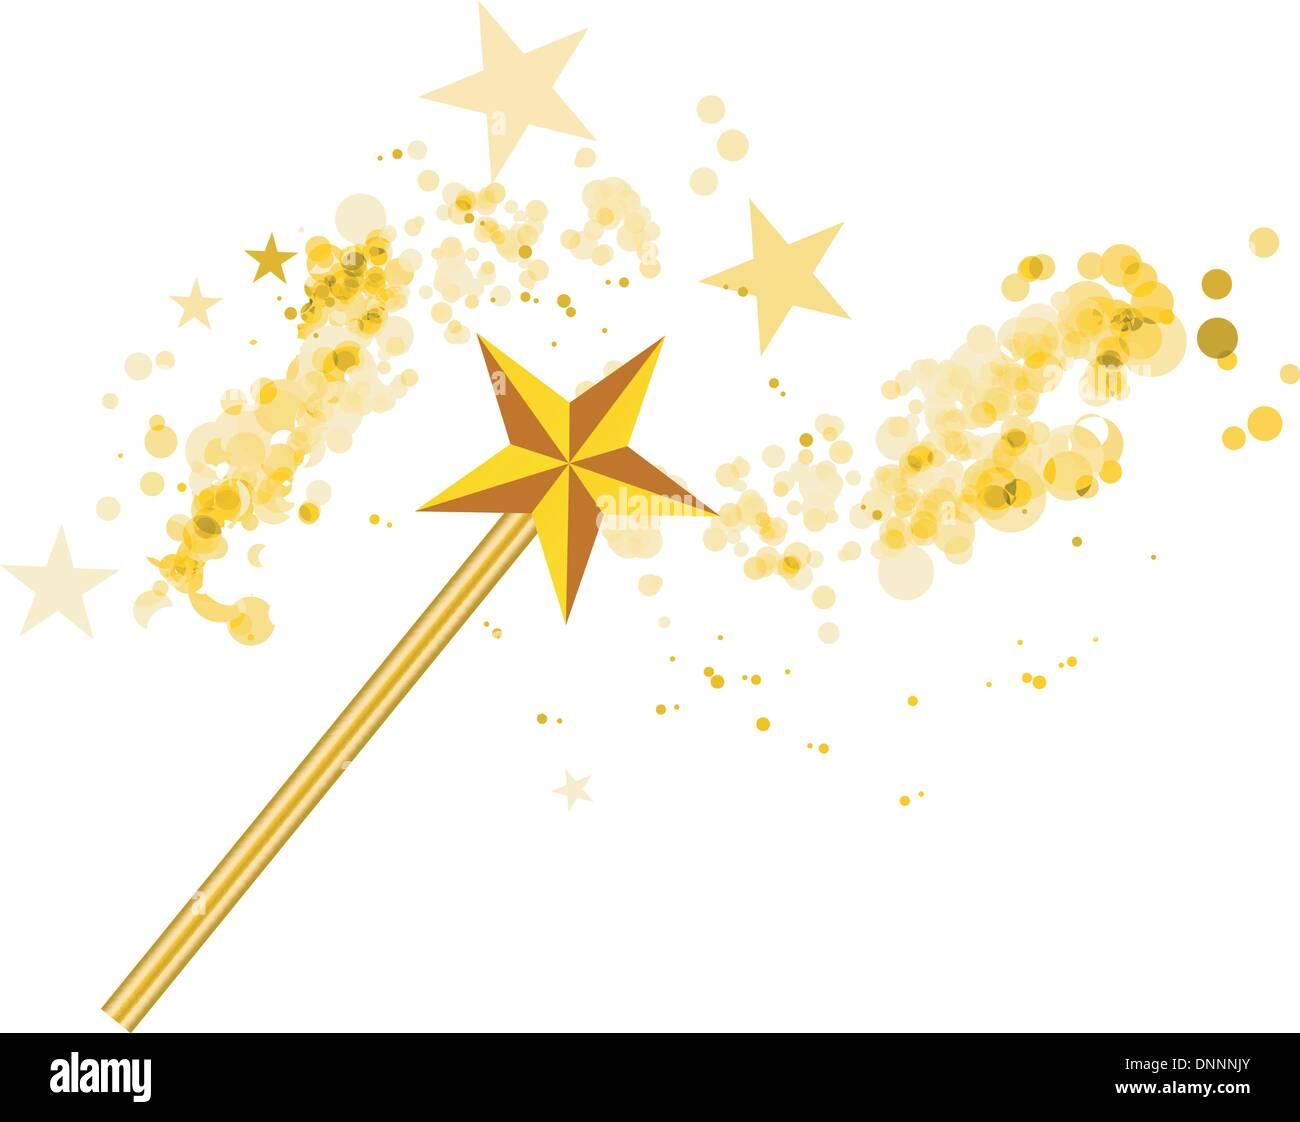 Sternen-Zauberstab für Kinder und Erwachsene Gold